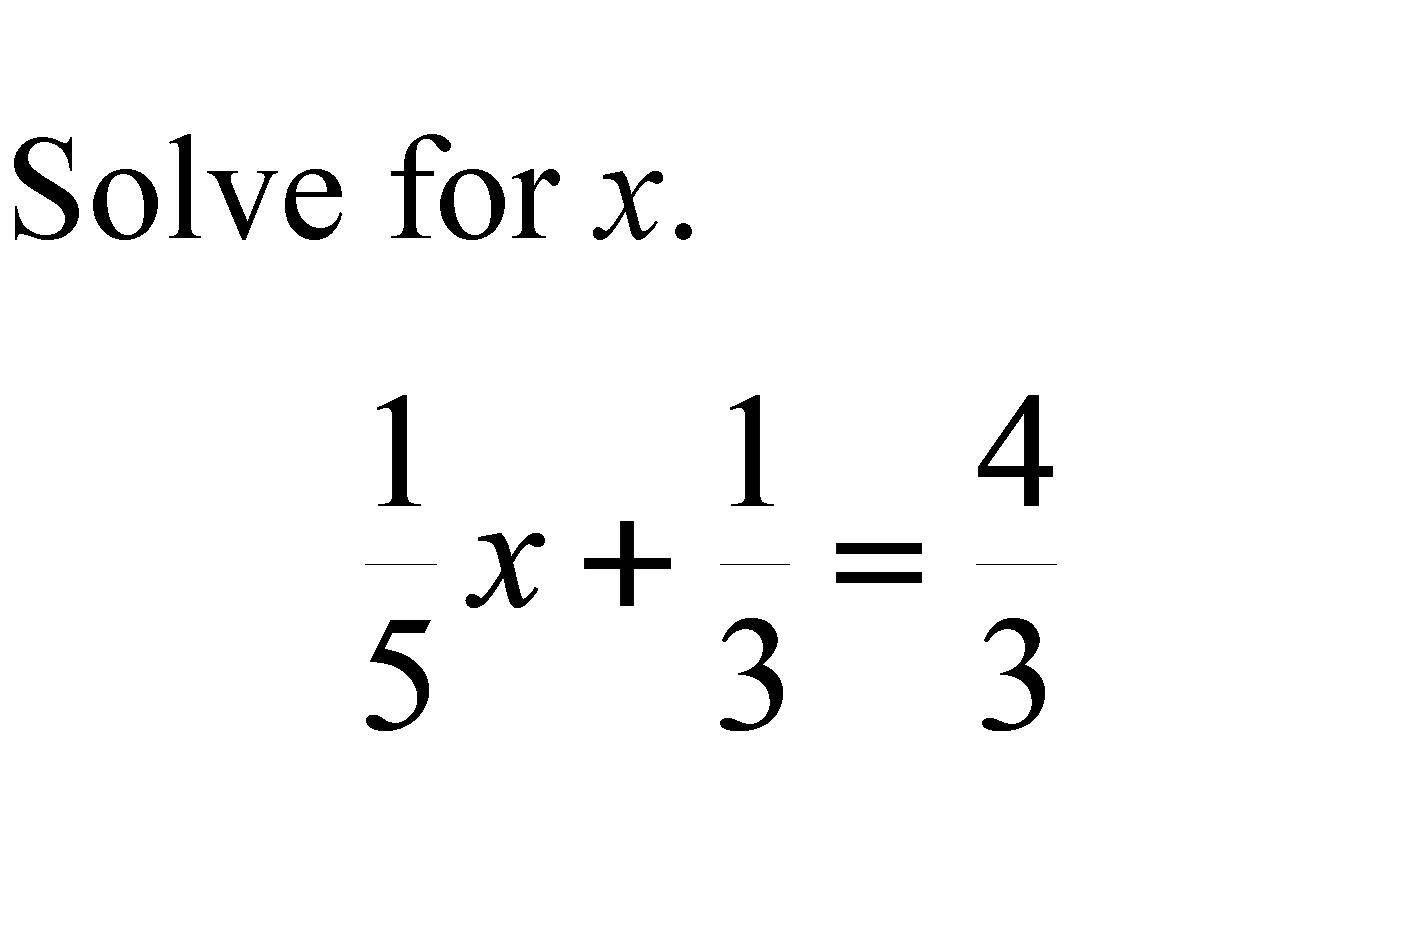 Printable Algebra Worksheets Hd Wallpapers Download Free Printable Algebra Worksheets Tumblr P Elementary Worksheets Basic Math Worksheets Elementary Algebra [ 1035 x 800 Pixel ]